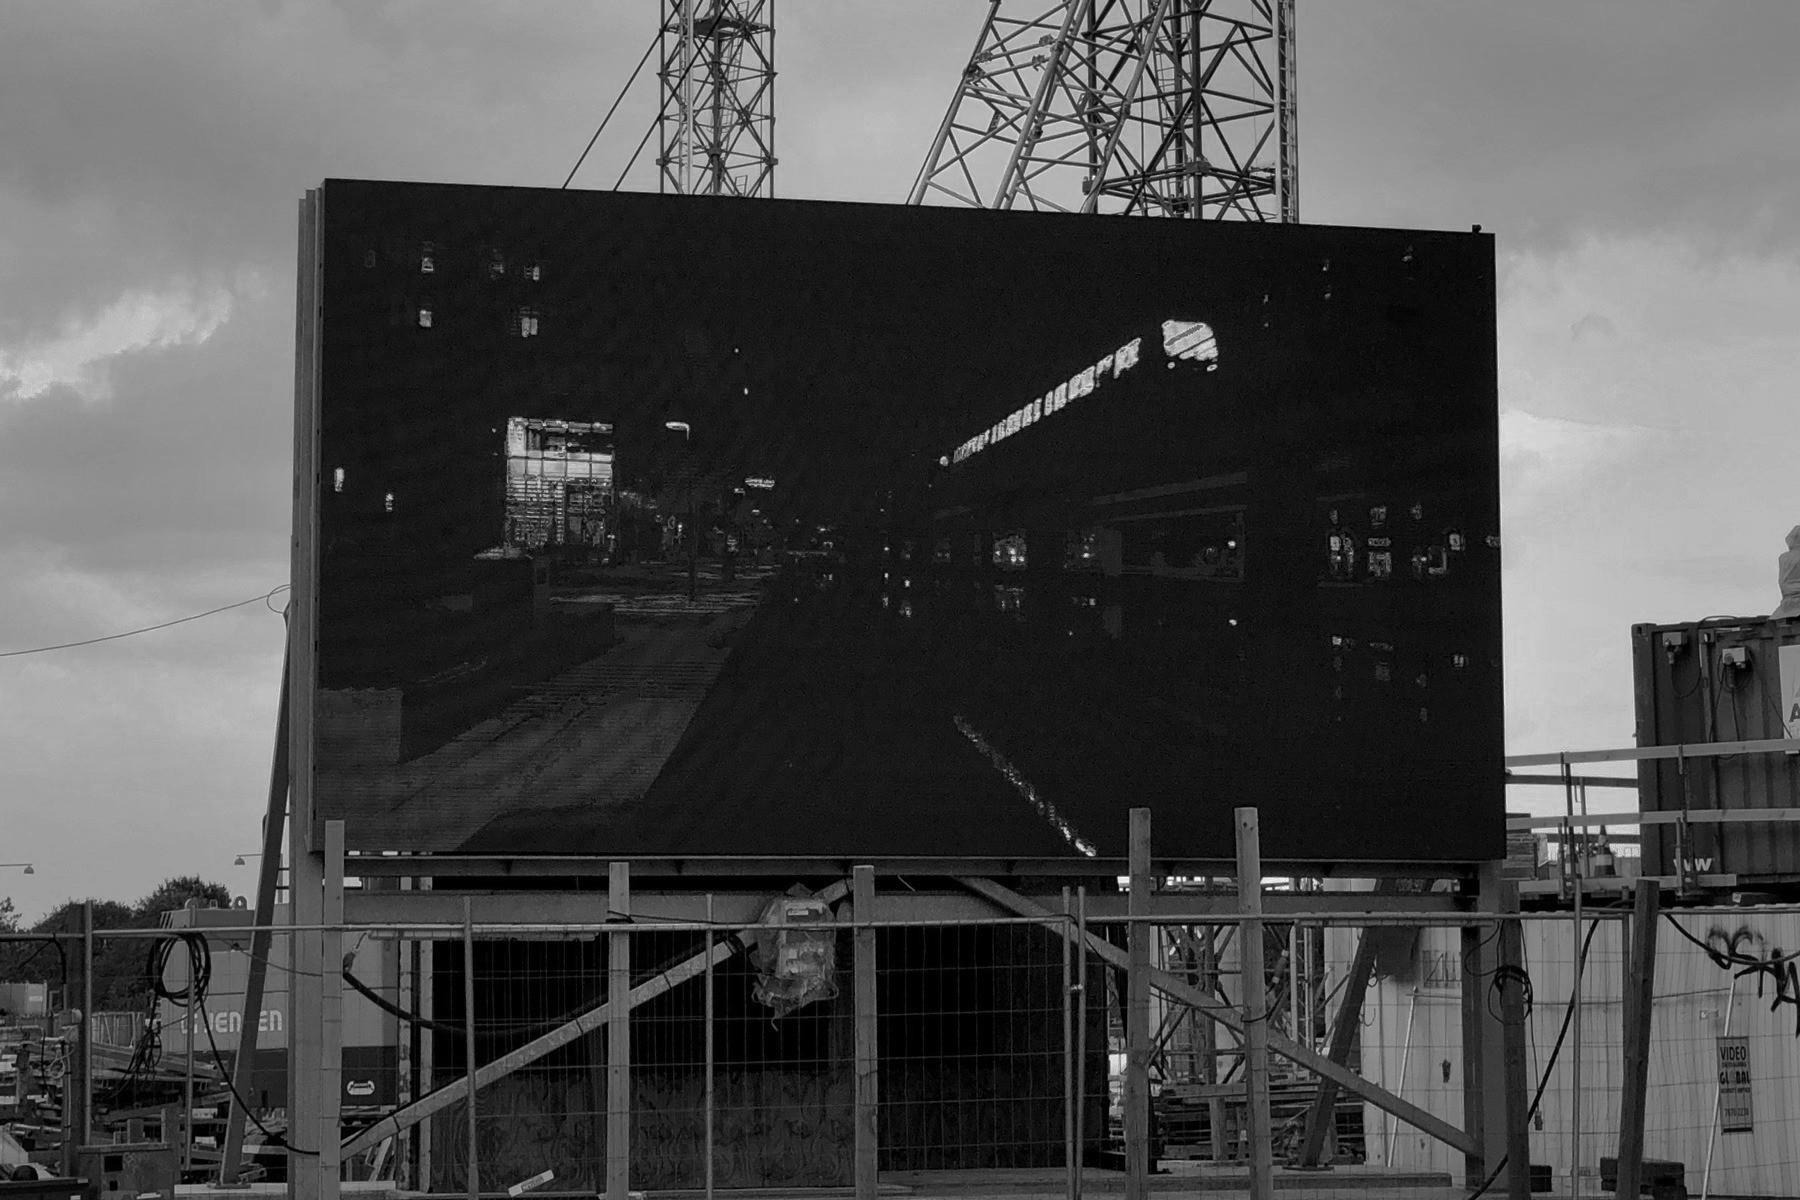 Ørestad C - Dag til nat video på storskærm i Ørestad C